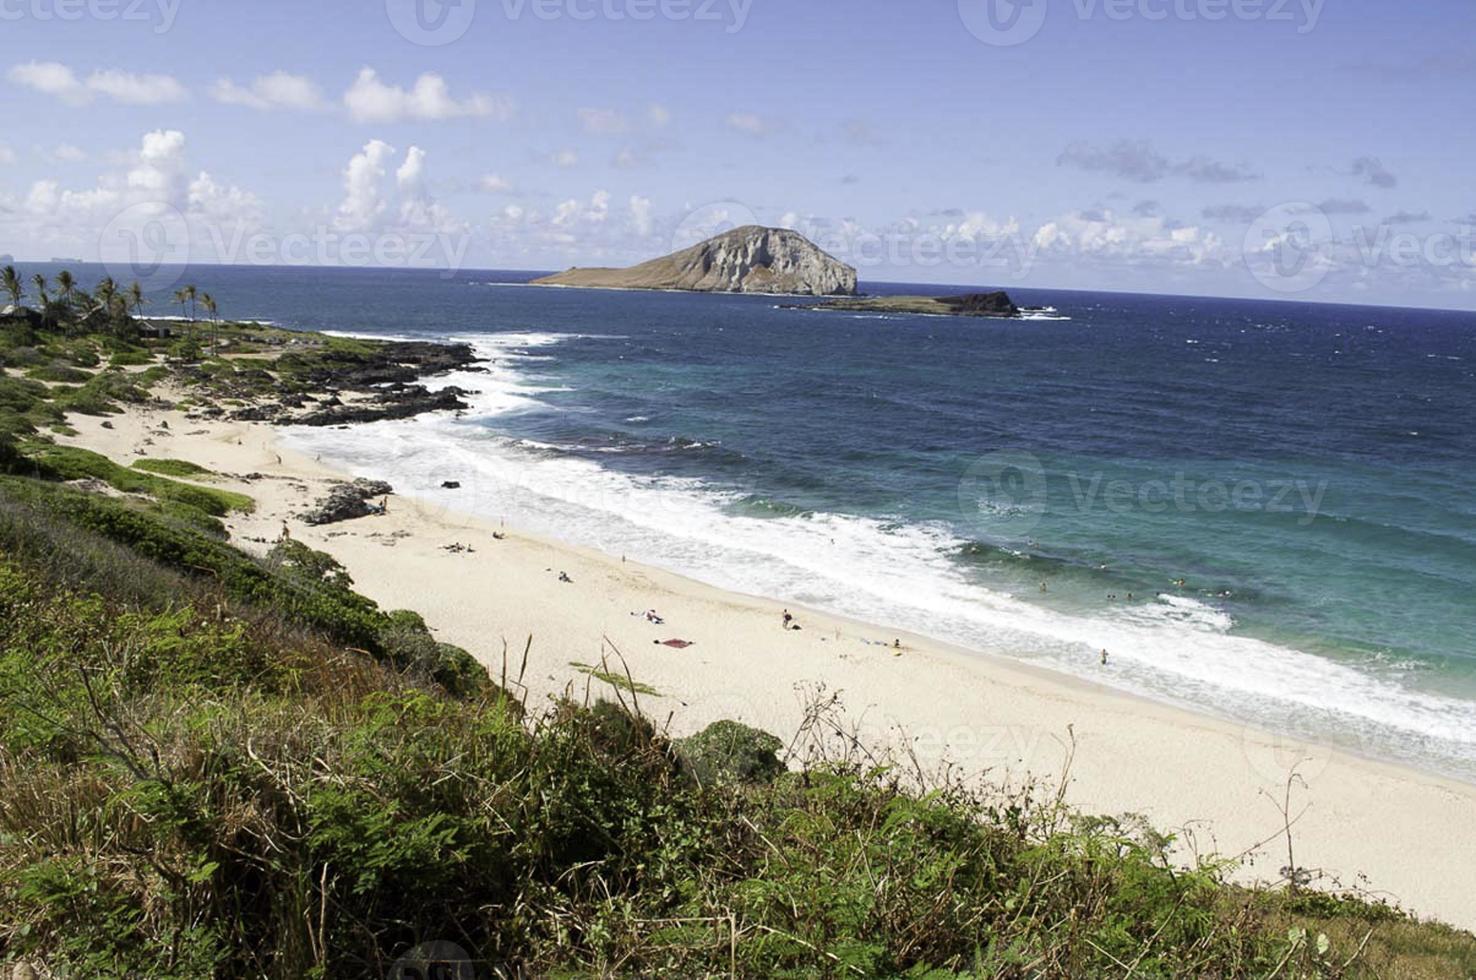 Vista da praia de Makapu'u em um dia ensolarado de praia. foto